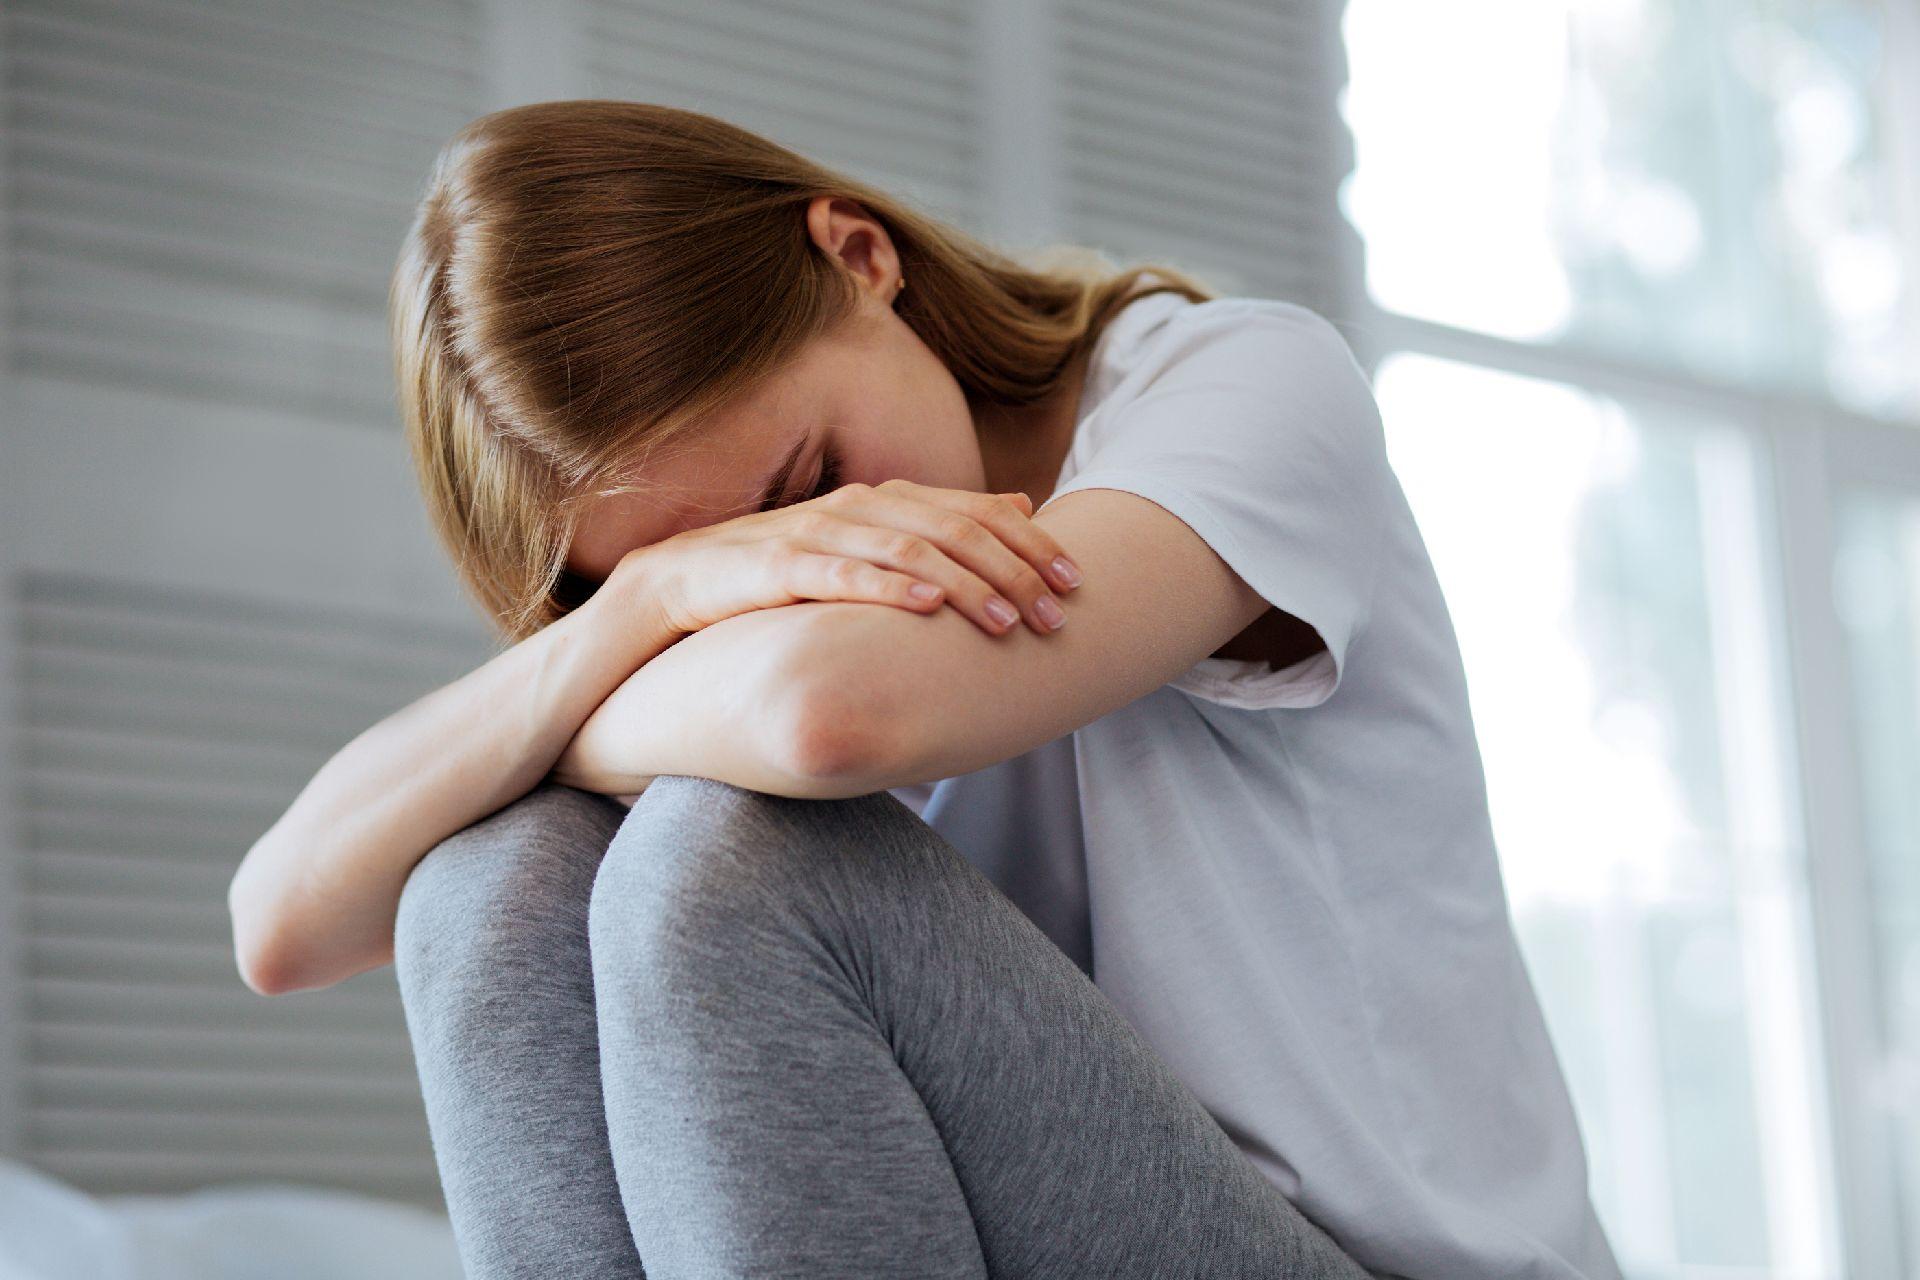 Sonolência é um dos sintomas quando a pressão cai. Foto: Bigstock